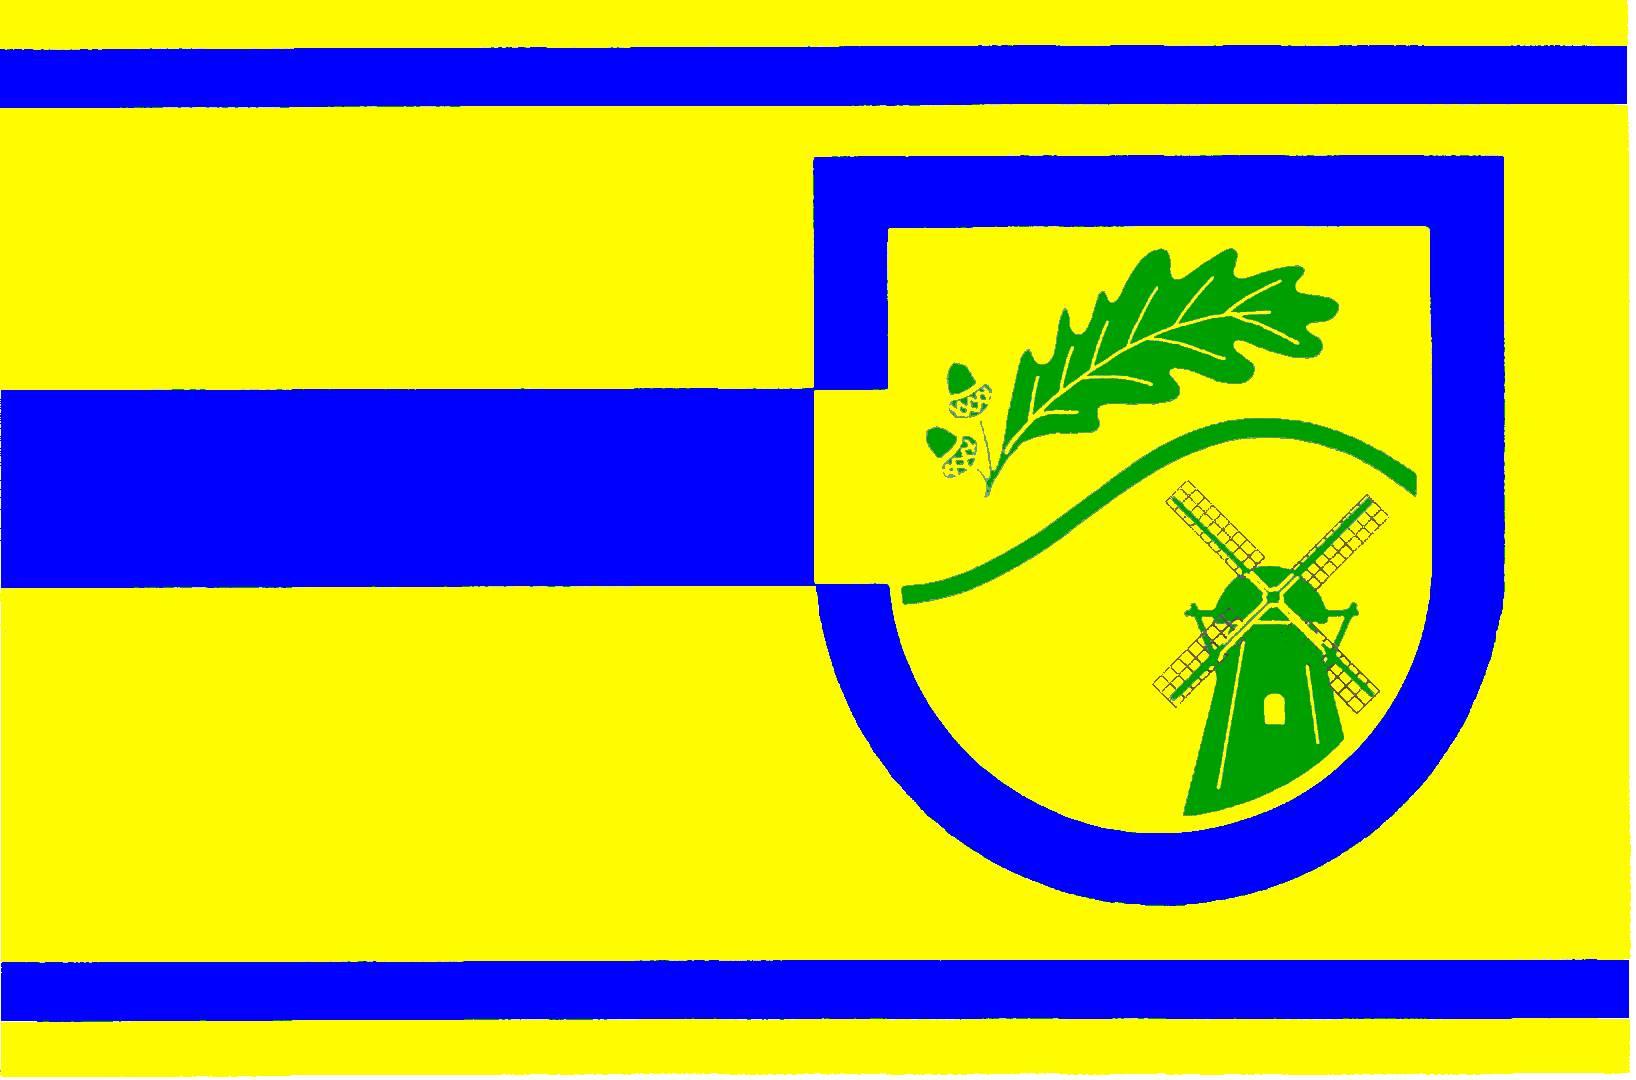 Flagge GemeindeJoldelund, Kreis Nordfriesland